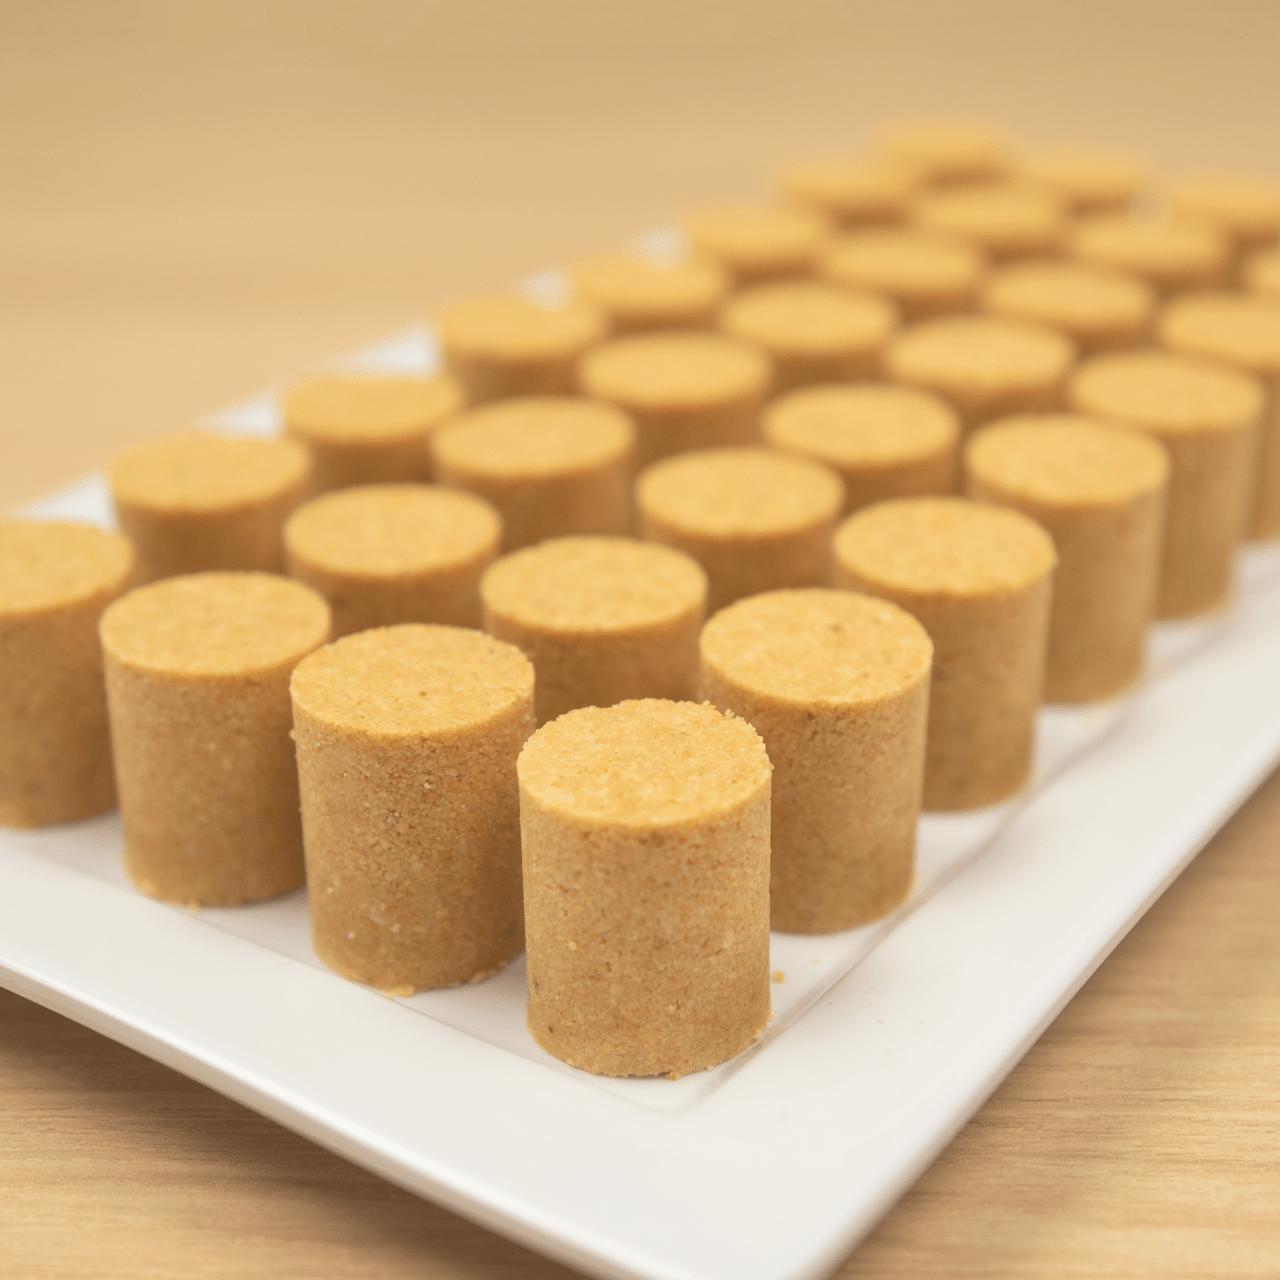 pacoca de rolha apenas 3 ingredientes receita em 2020 pacoca pacoquinha 3 ingredientes pinterest